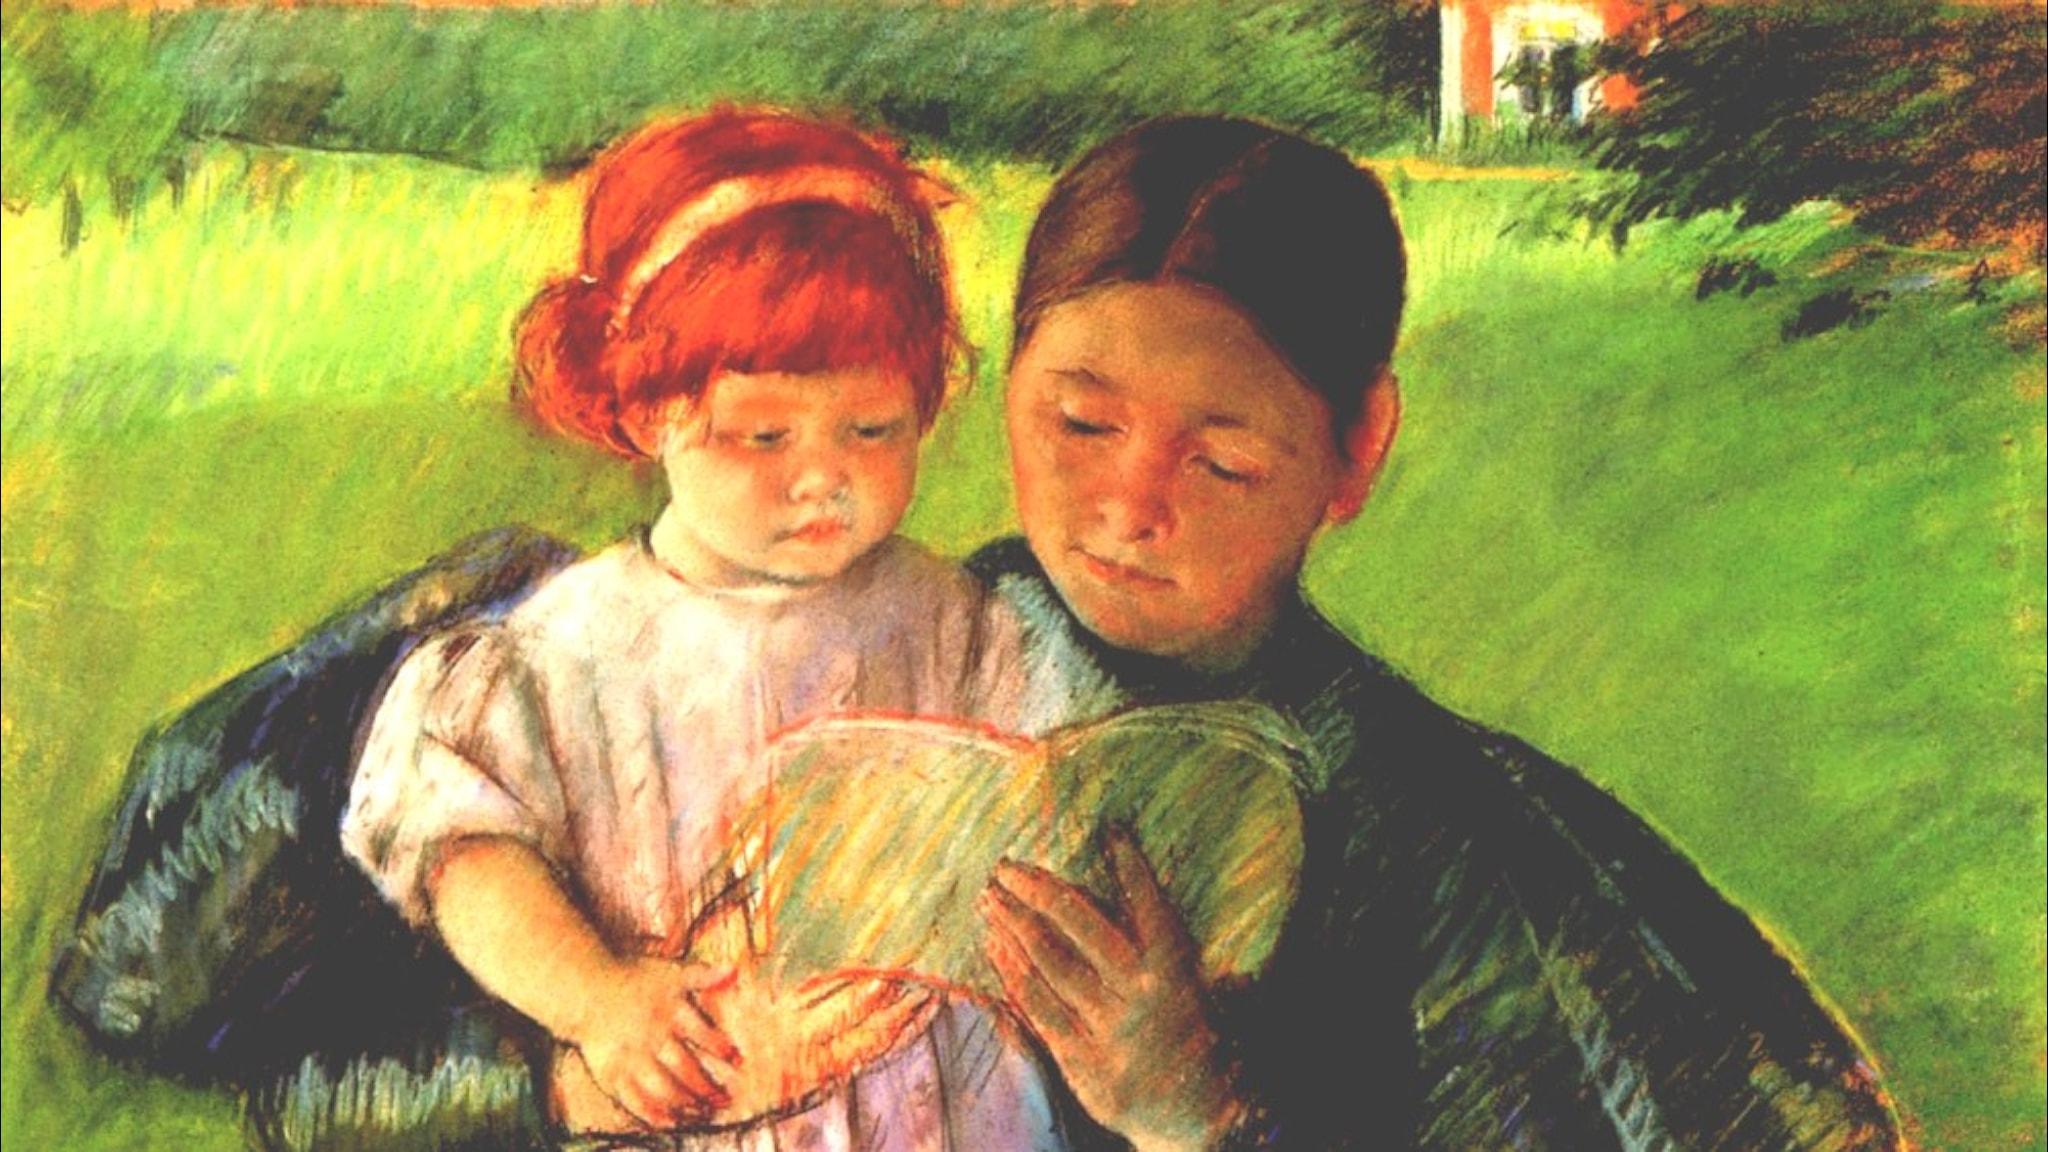 Barnflicka läser för liten flicka. Mary Cassatt, 1895.